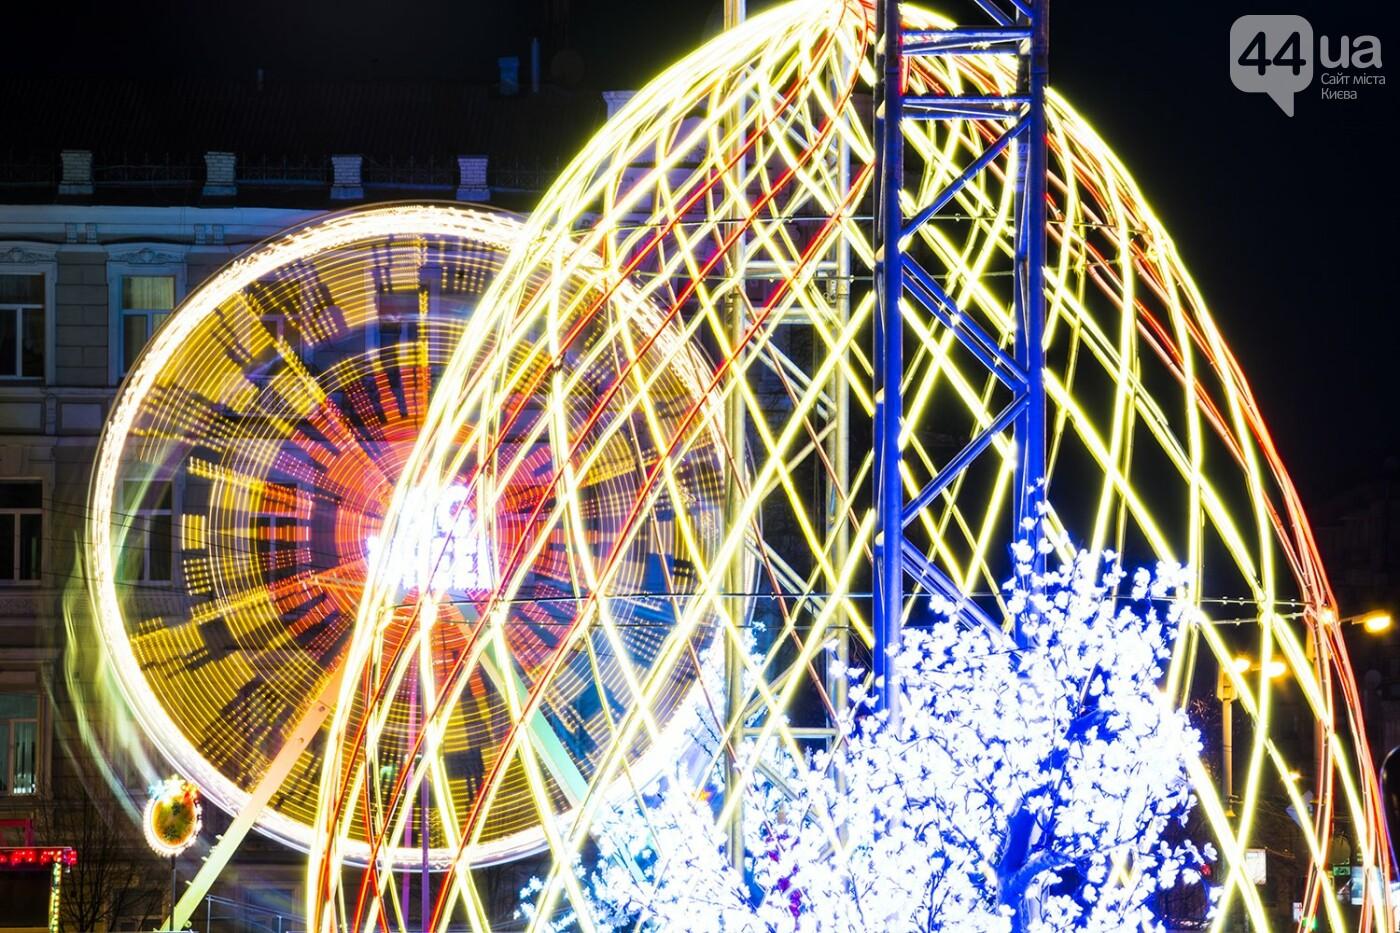 Пасхальная иллюминация: как выглядит фестиваль писанок ночью, фото-22